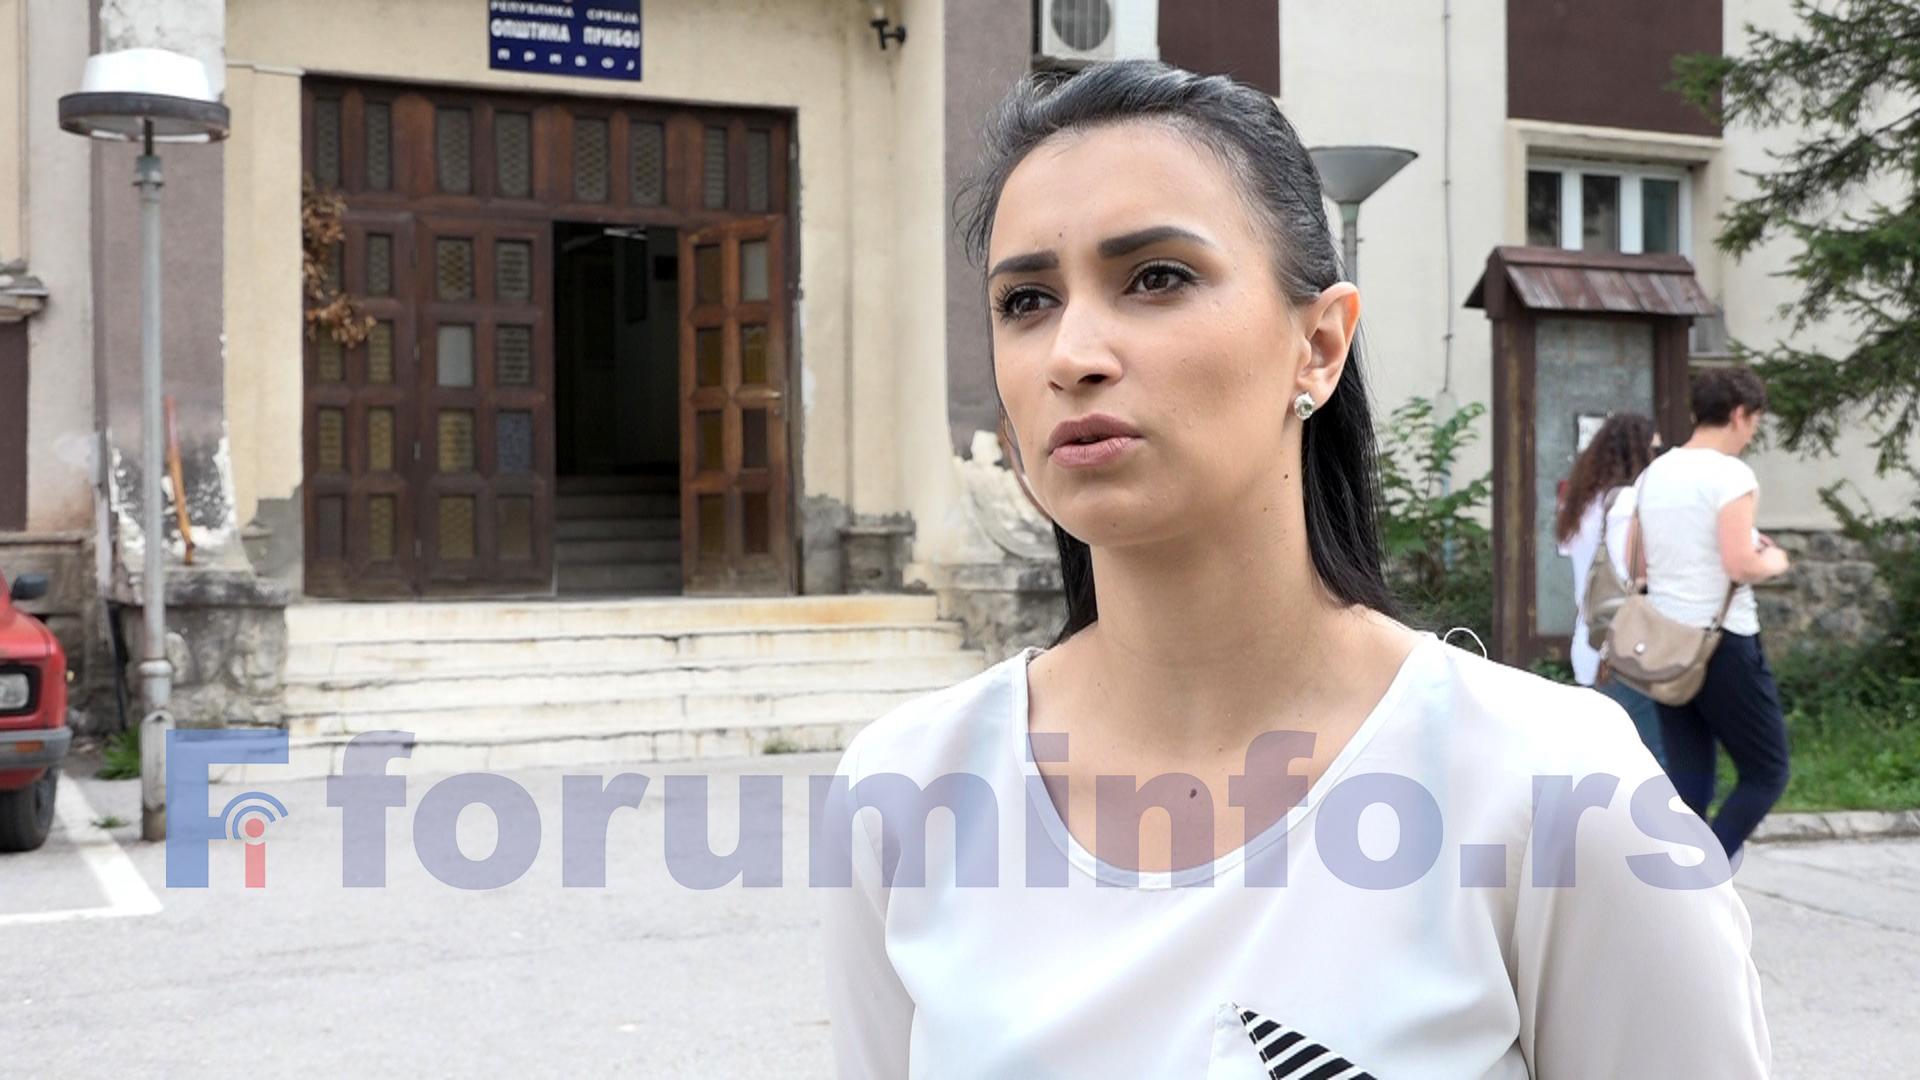 Сања Мановић: Кључна компонента за унапређење родне равноправности је умрежавање